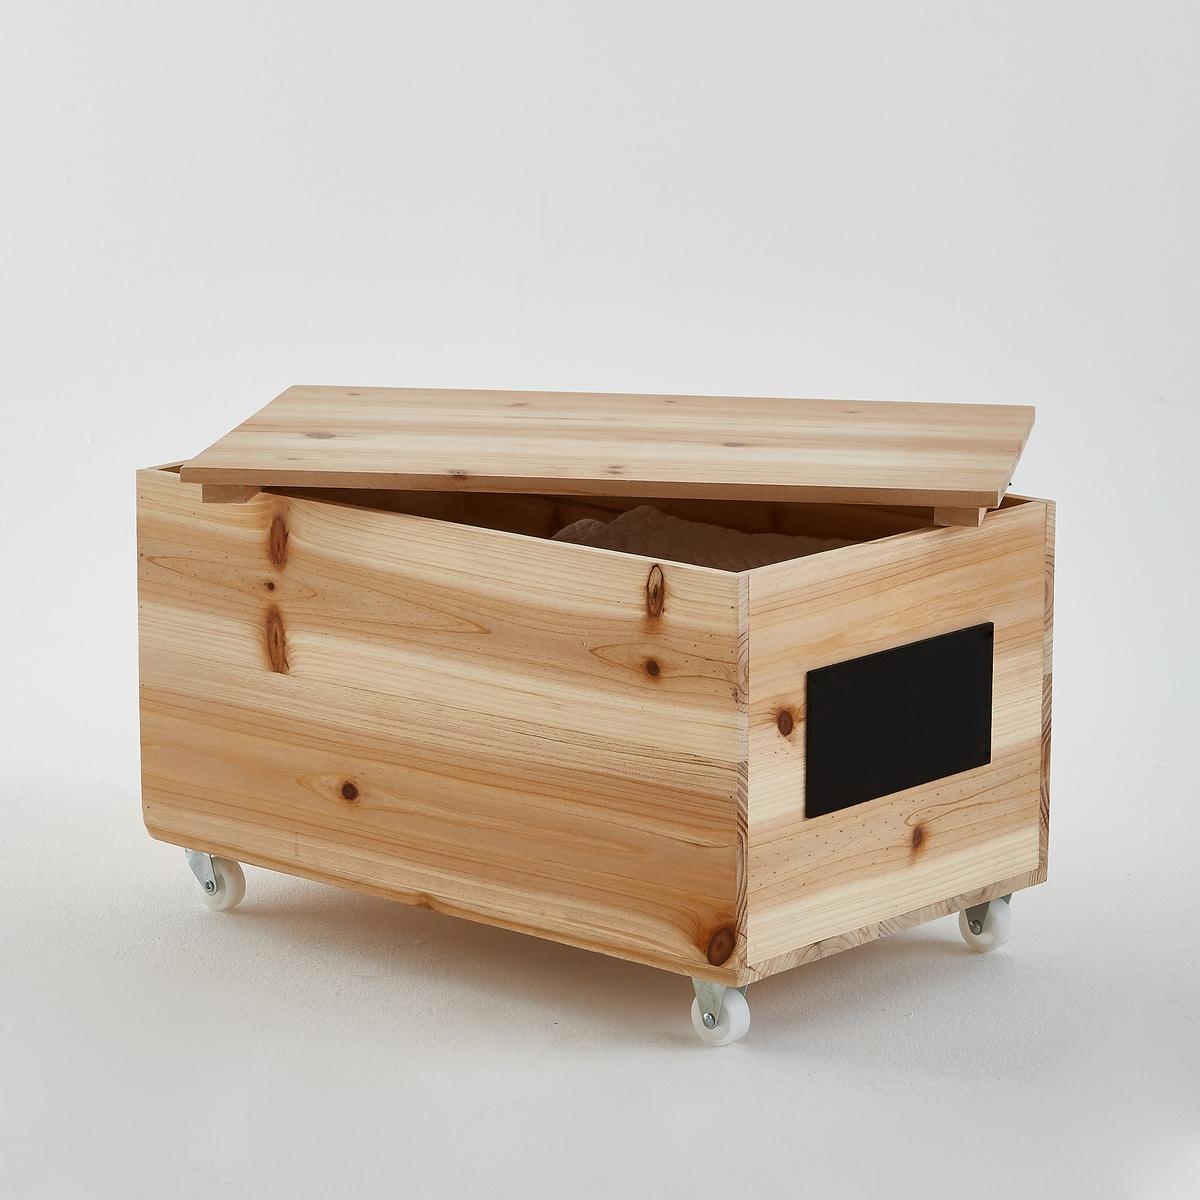 Ящик для вещей на колесахЯщик для вещей на колесах . Ящик в винтажном стиле для хранения вещей, с декоративной отделкой, его можно перемещать, куда вам захочется.Характеристики ящика для вещей на колесах :Ель с натуральной отделкой, толщ.. 12 мм .Доска темного цвета.- С крышкой.Найдите все ящики для вещей на сайте laredoute.ruРазмеры ящика для вещей на колесах :Общие :Ширина 57 смГлубина 35 см.Высота 34 см .Доска темного цвета: 20 x 10 см .<br><br>Цвет: серо-бежевый<br>Размер: единый размер